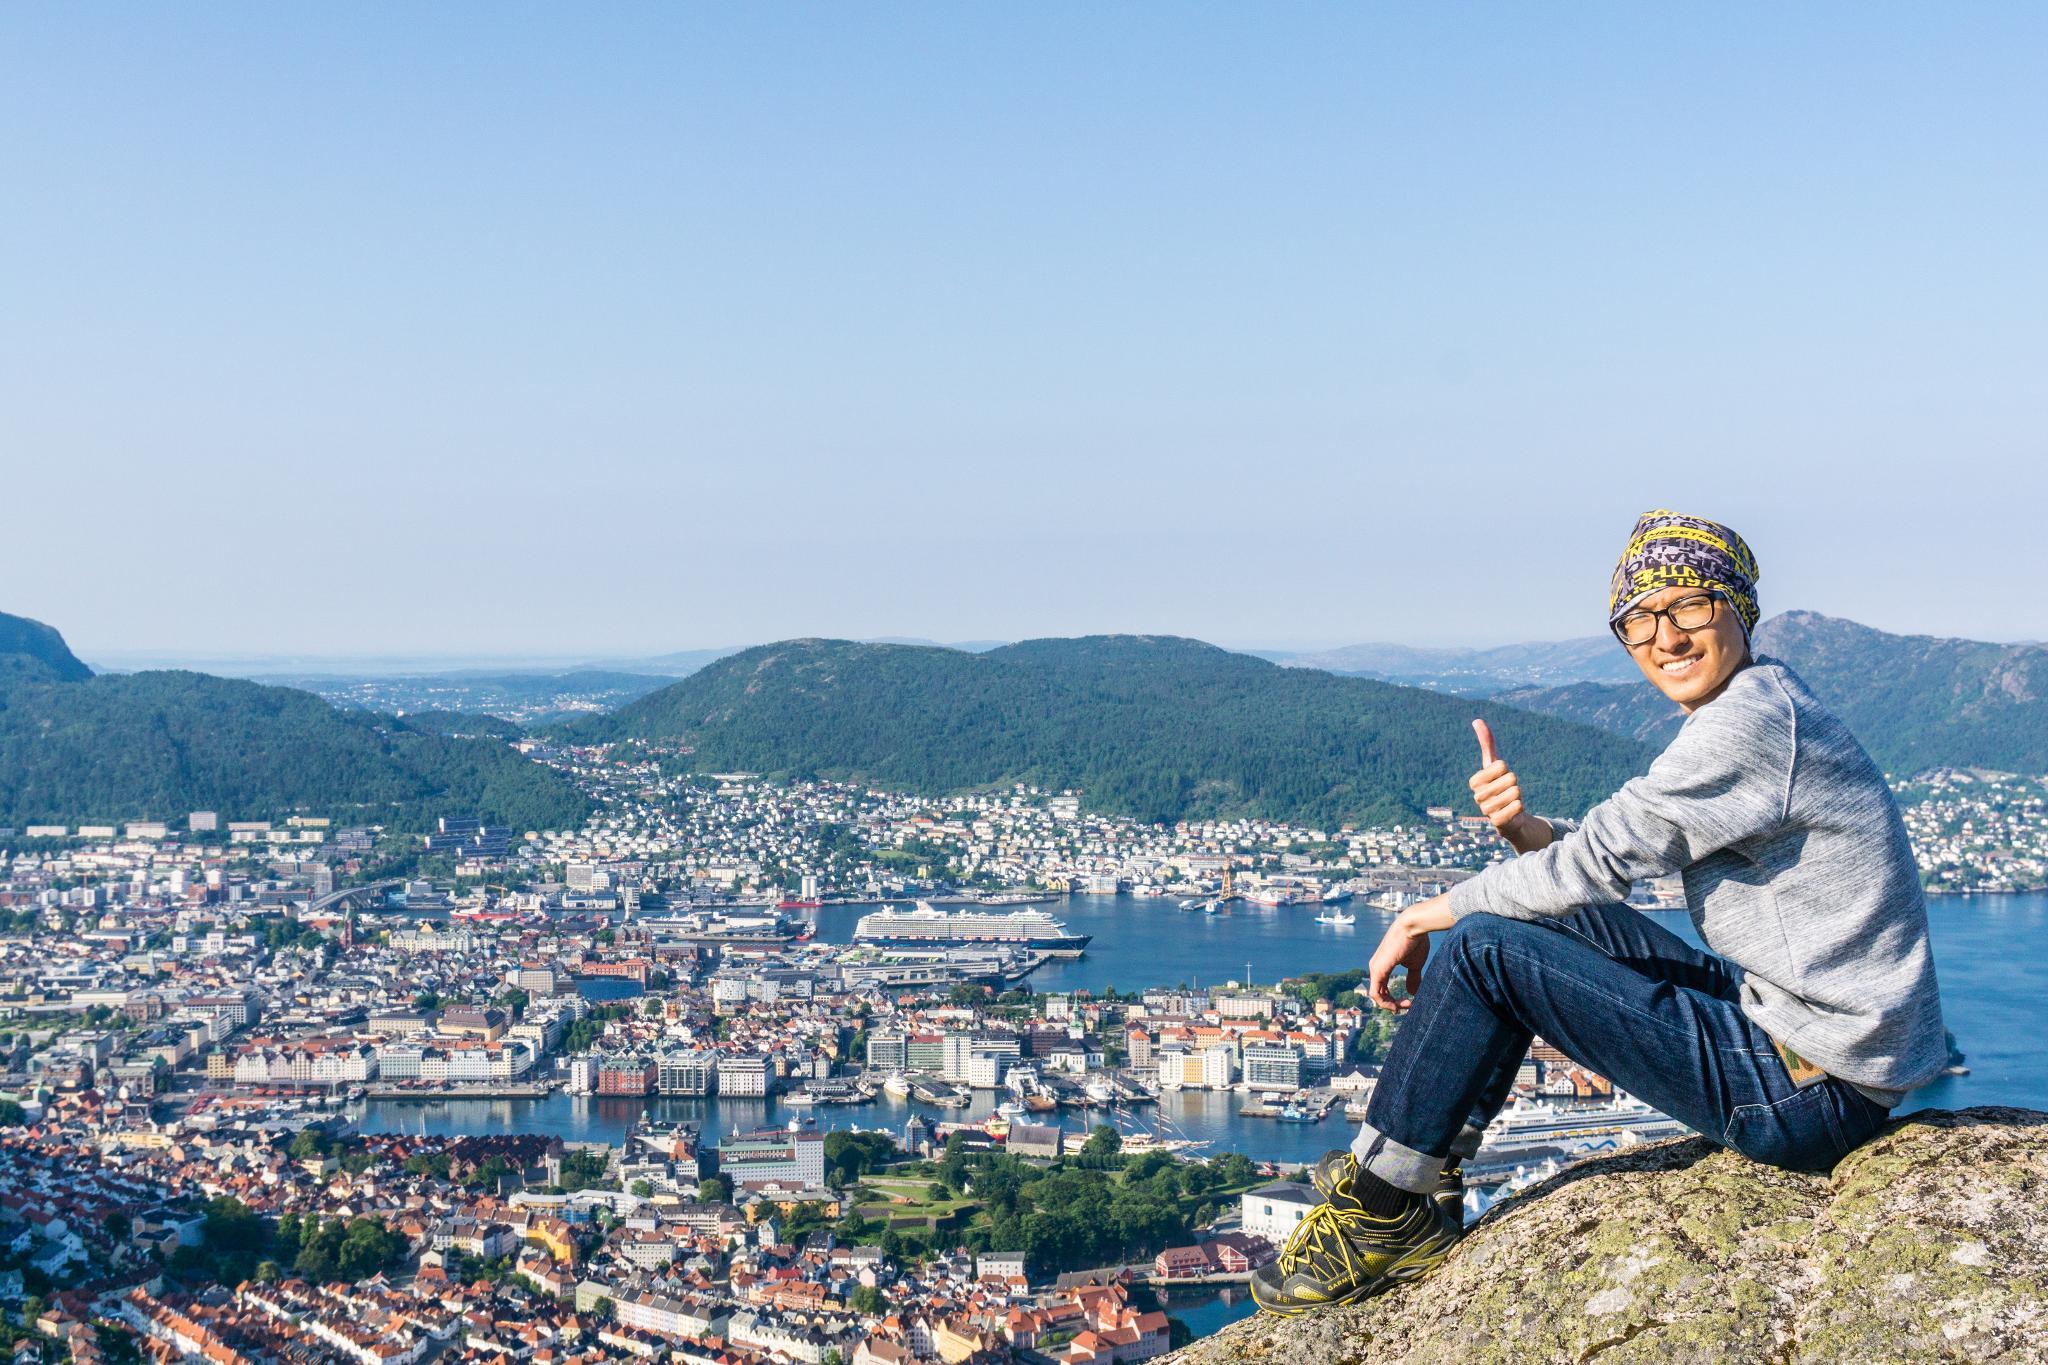 【卑爾根】超級震撼的隱藏版挪威景點 — Stoltzekleiven桑德維克斯石梯與Fløyen佛洛伊恩觀景台大縱走 17